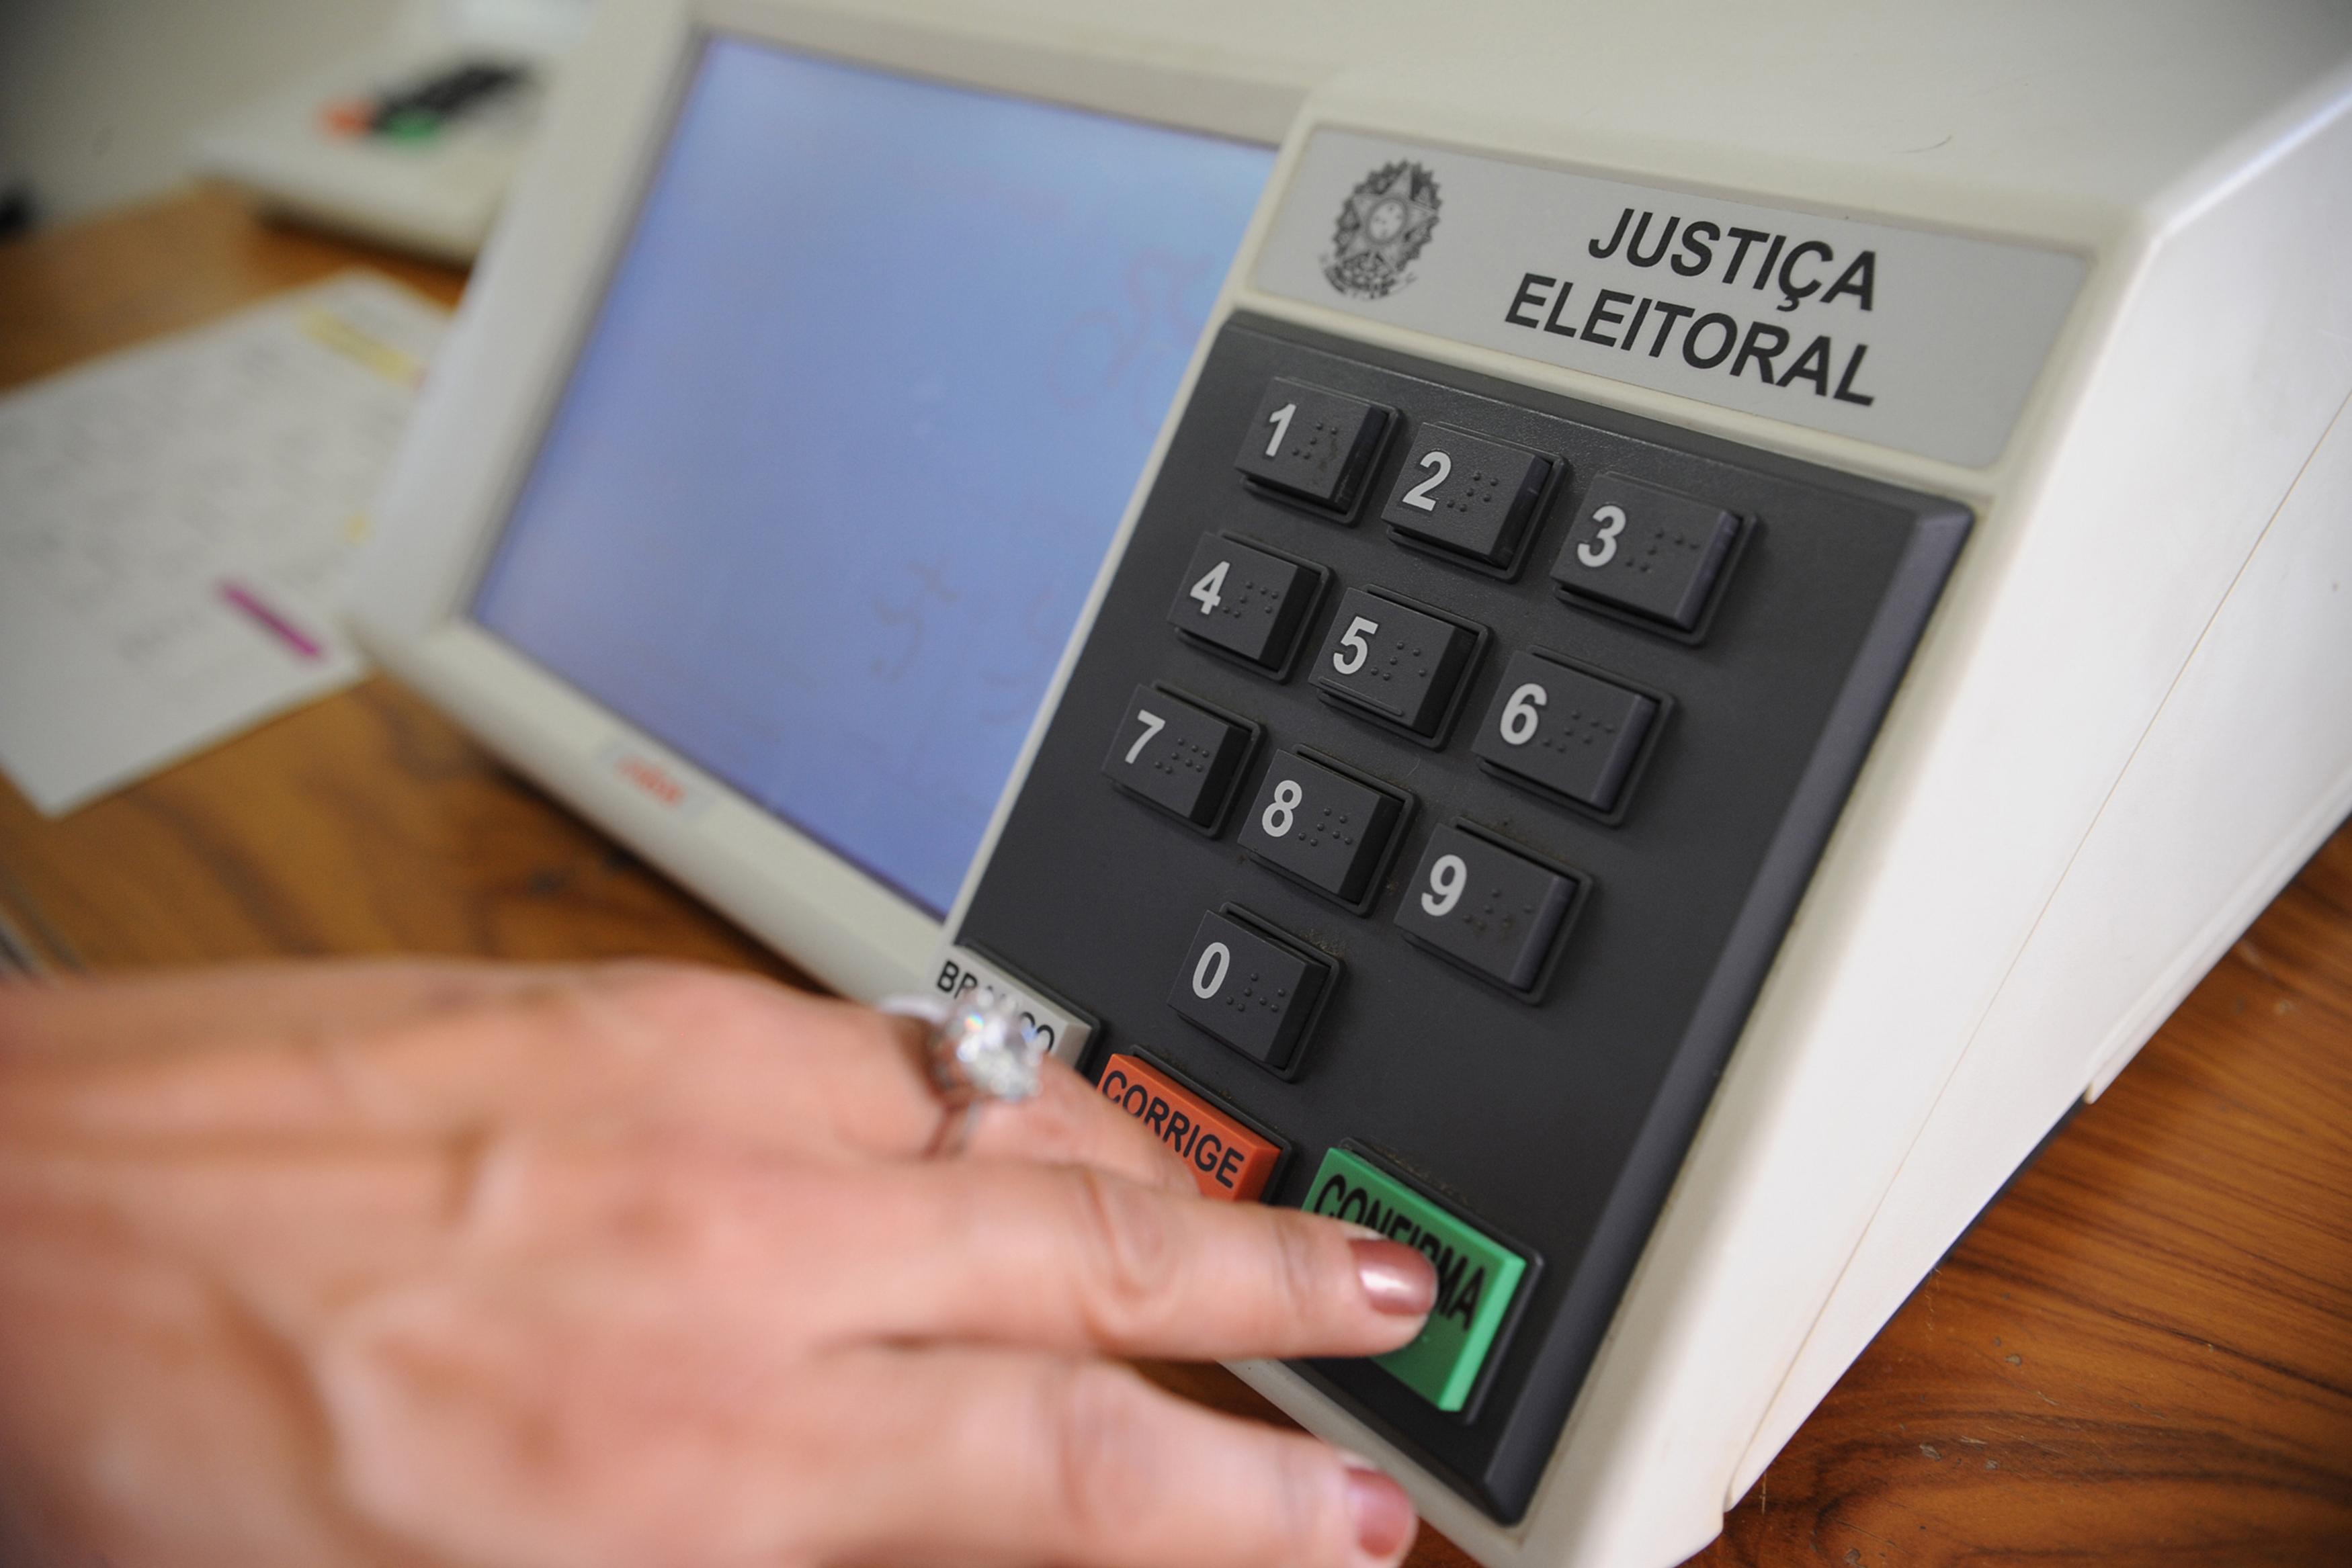 País terá eleição sem proteção de dados na internet